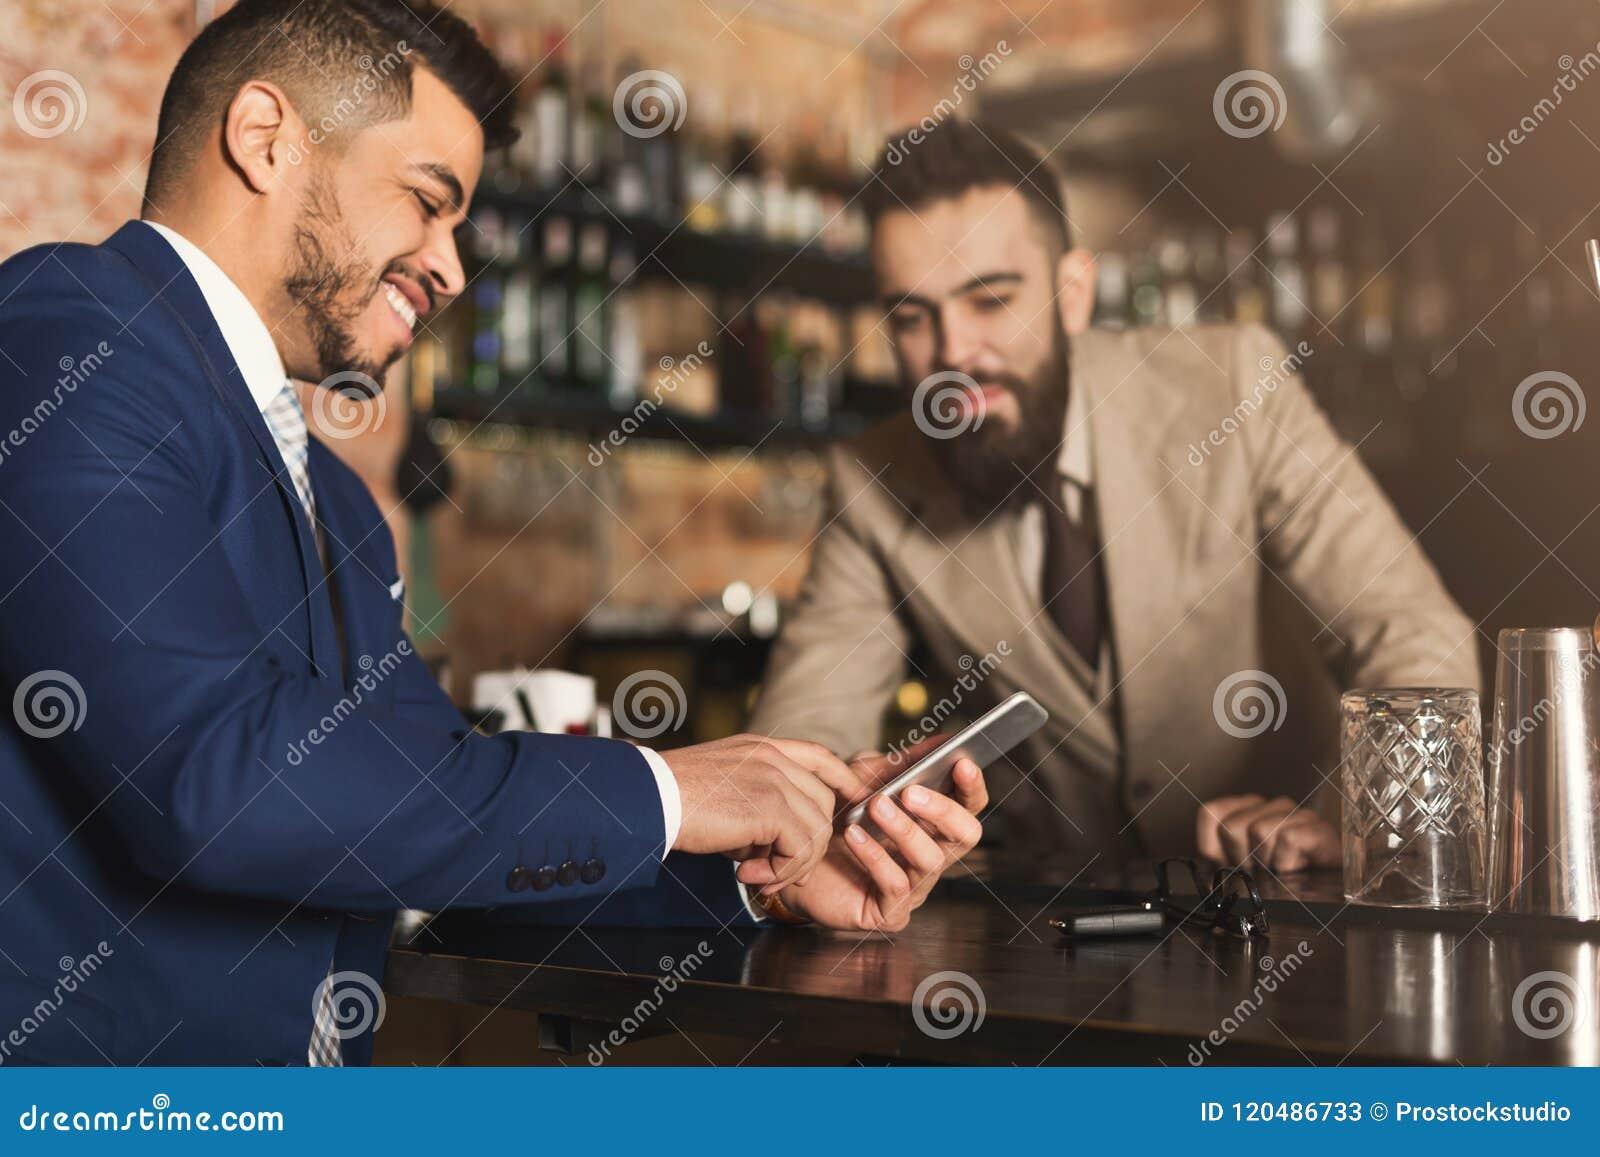 Hombre de negocios que muestra la información sobre el teléfono al camarero